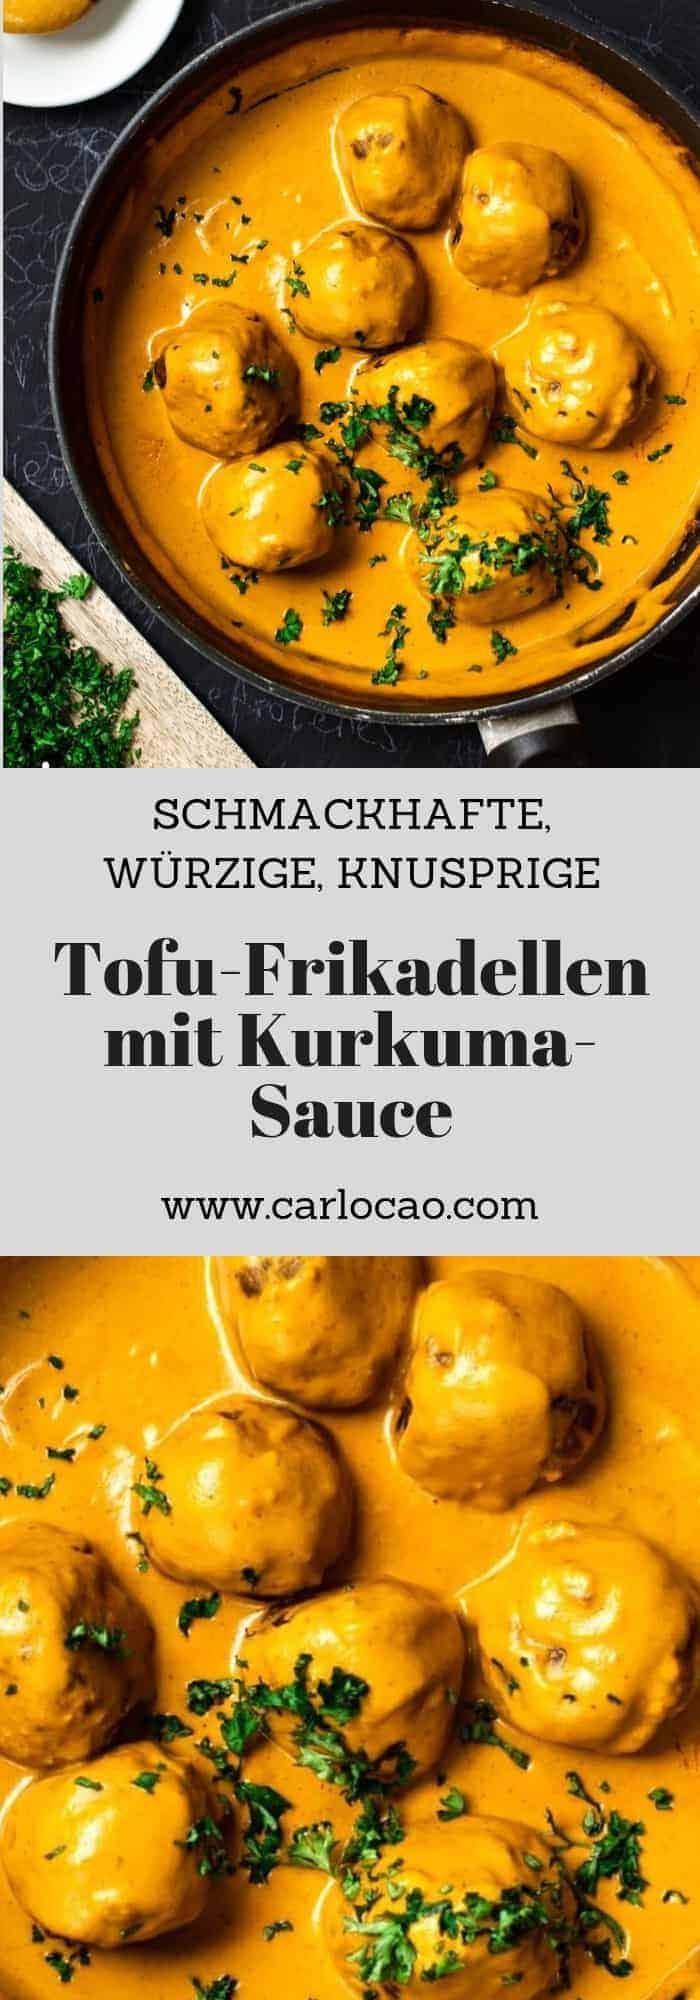 tofu frikadellen mit kurkuma sauce